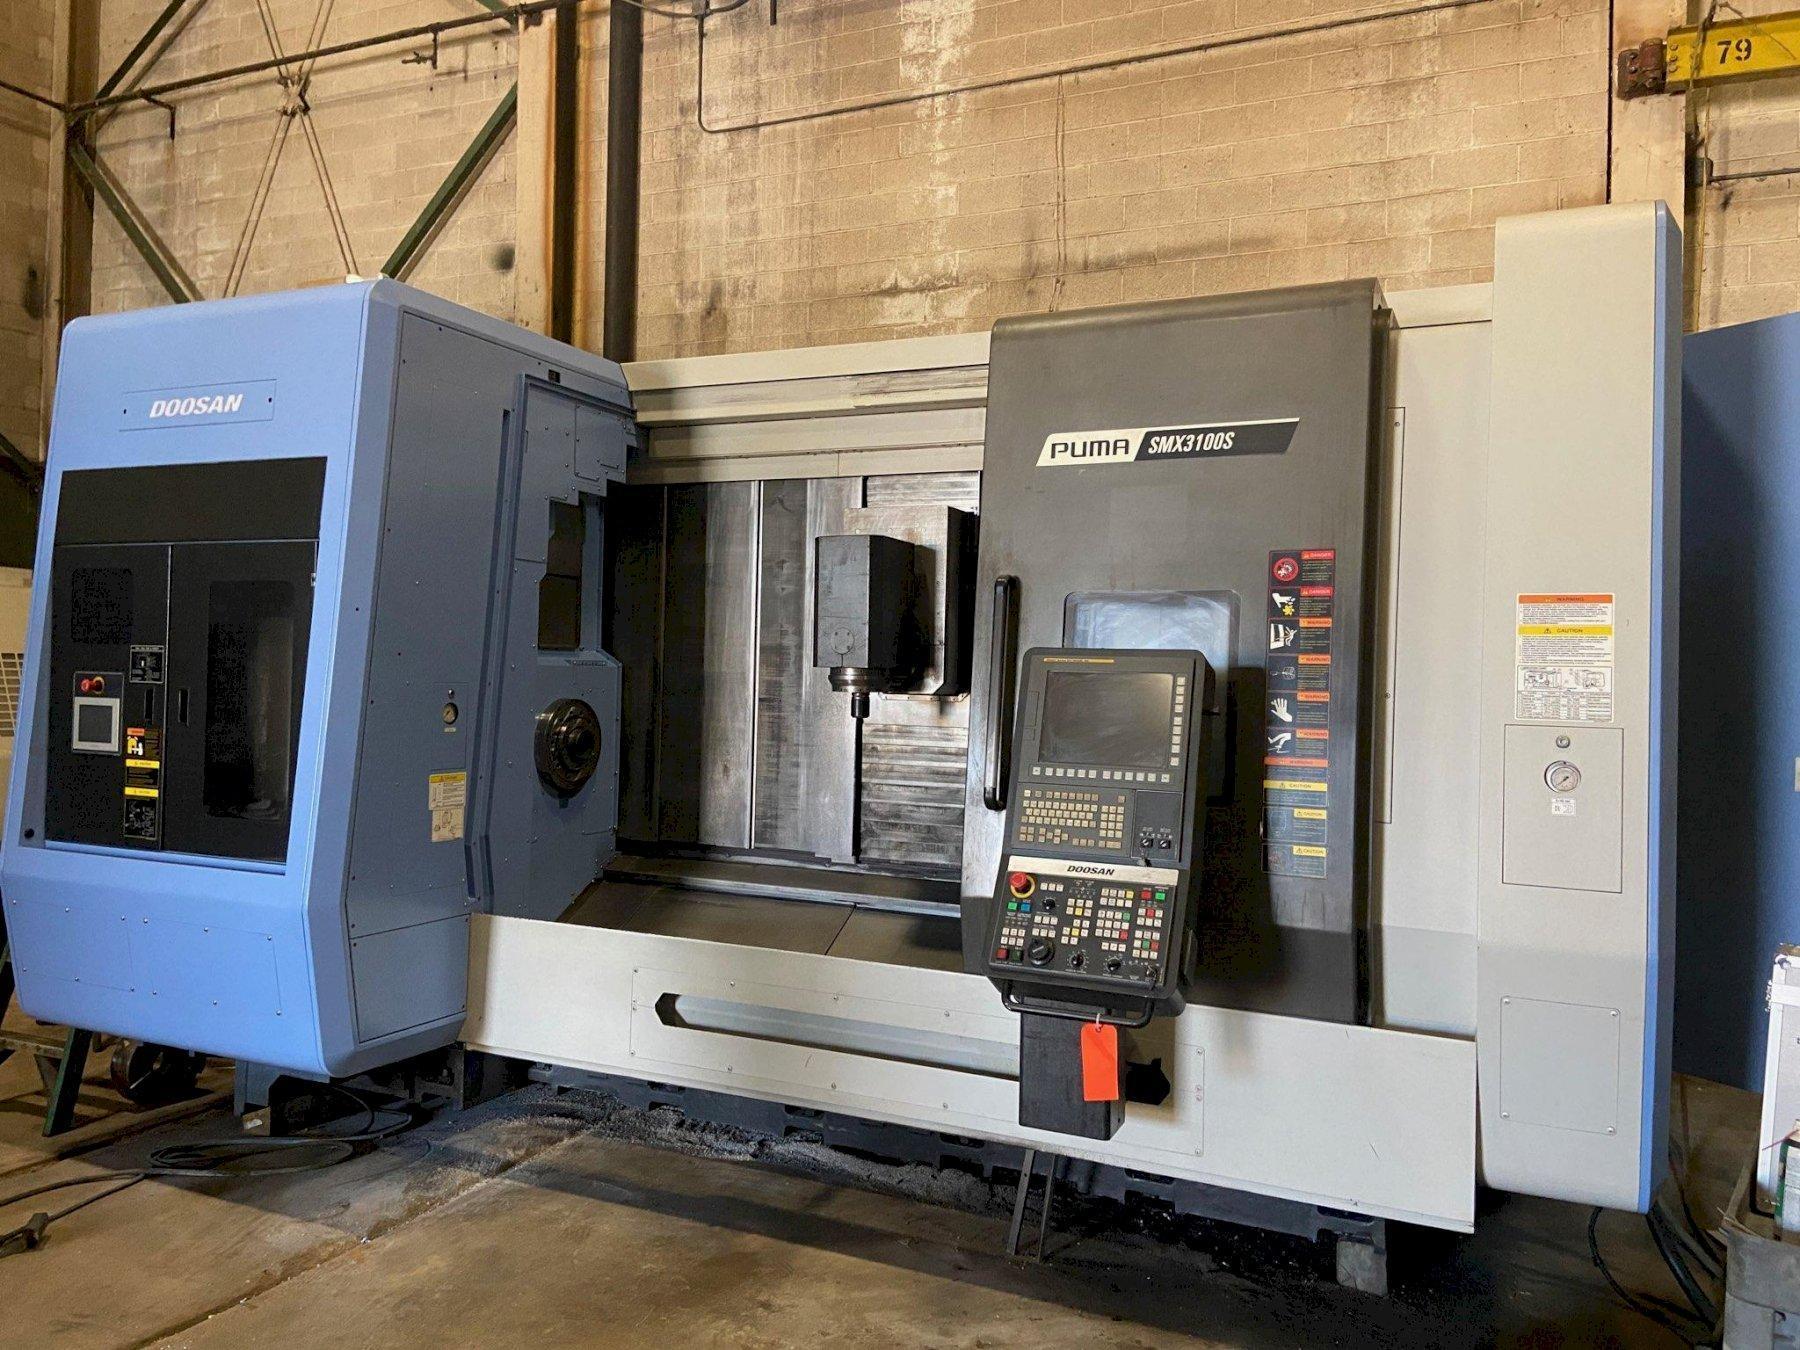 Doosan Puma SMX3100S 7-Axis CNC Lathe, Fanuc 31i, 12